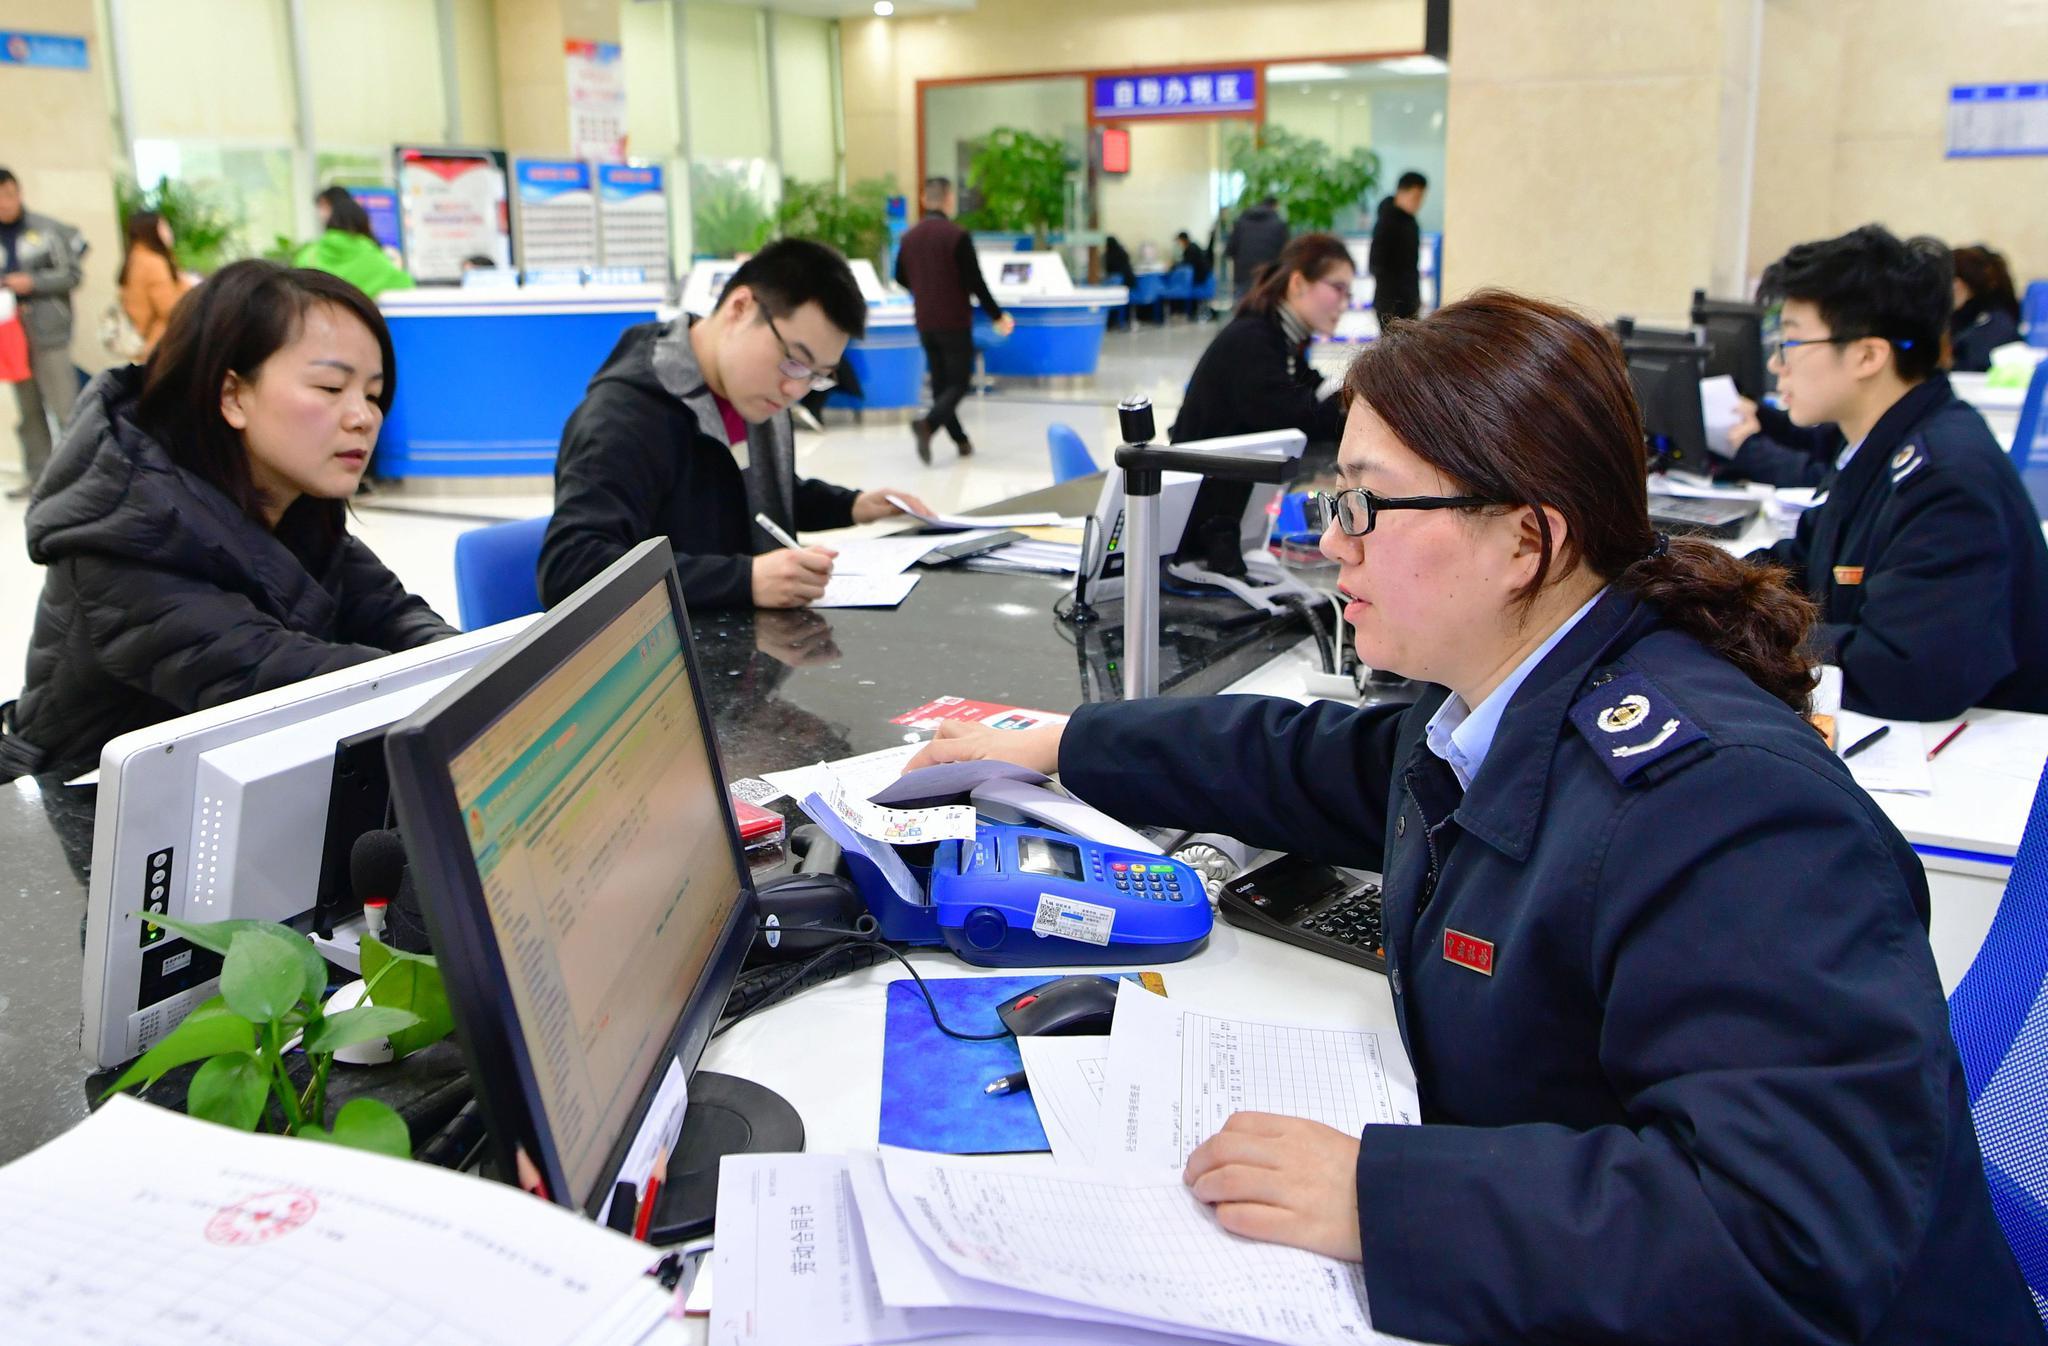 财科院报告:近九成企业认为近3年税负下降,增值税减税节省资金17.4%用于增加研发